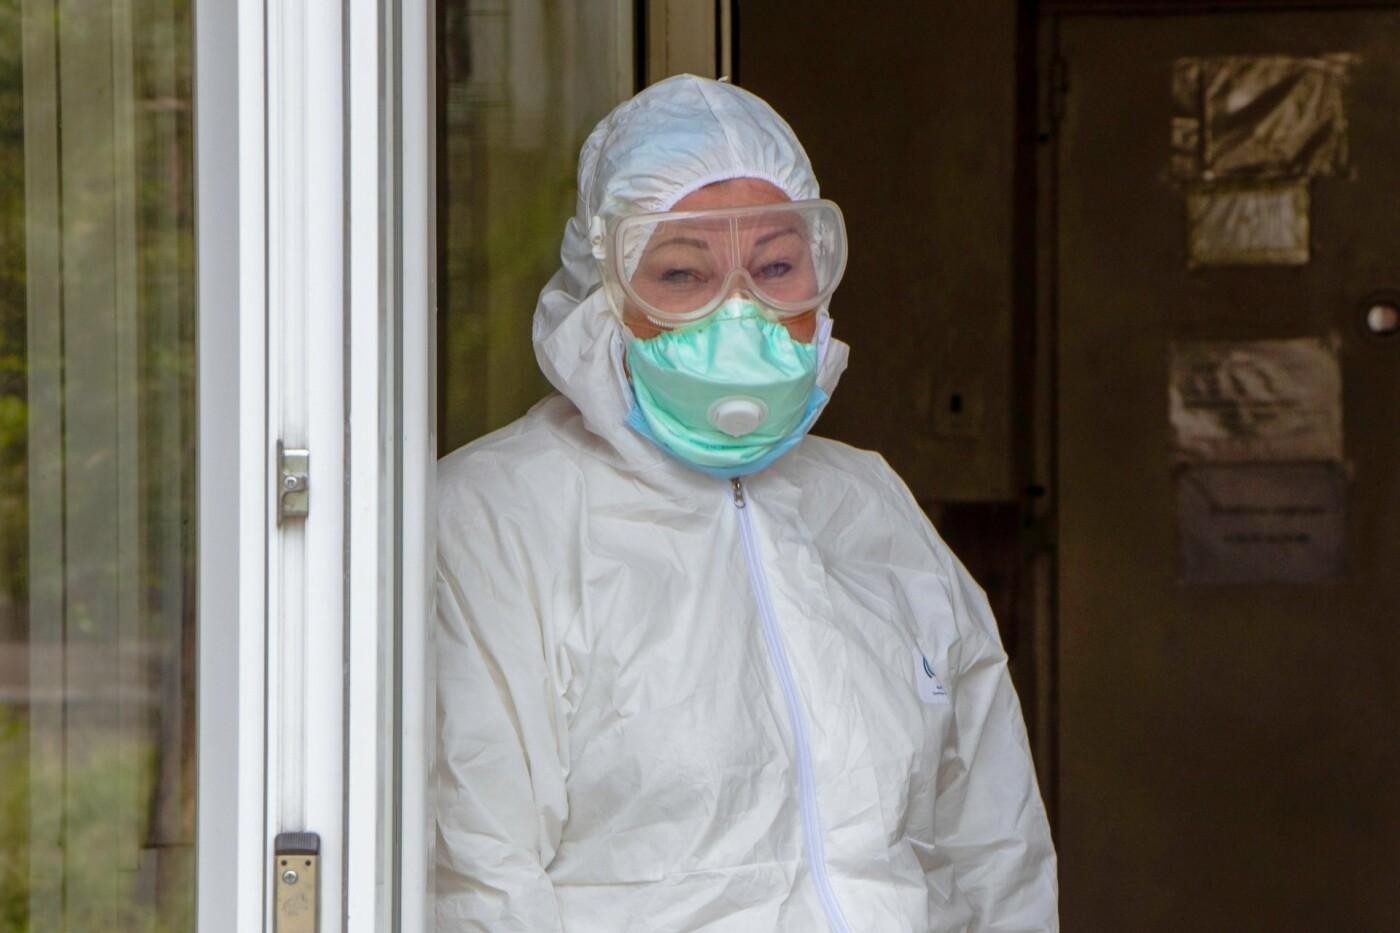 Количество больных растет: медики Днепра призывают соблюдать карантинные требования, - ФОТО, фото-5